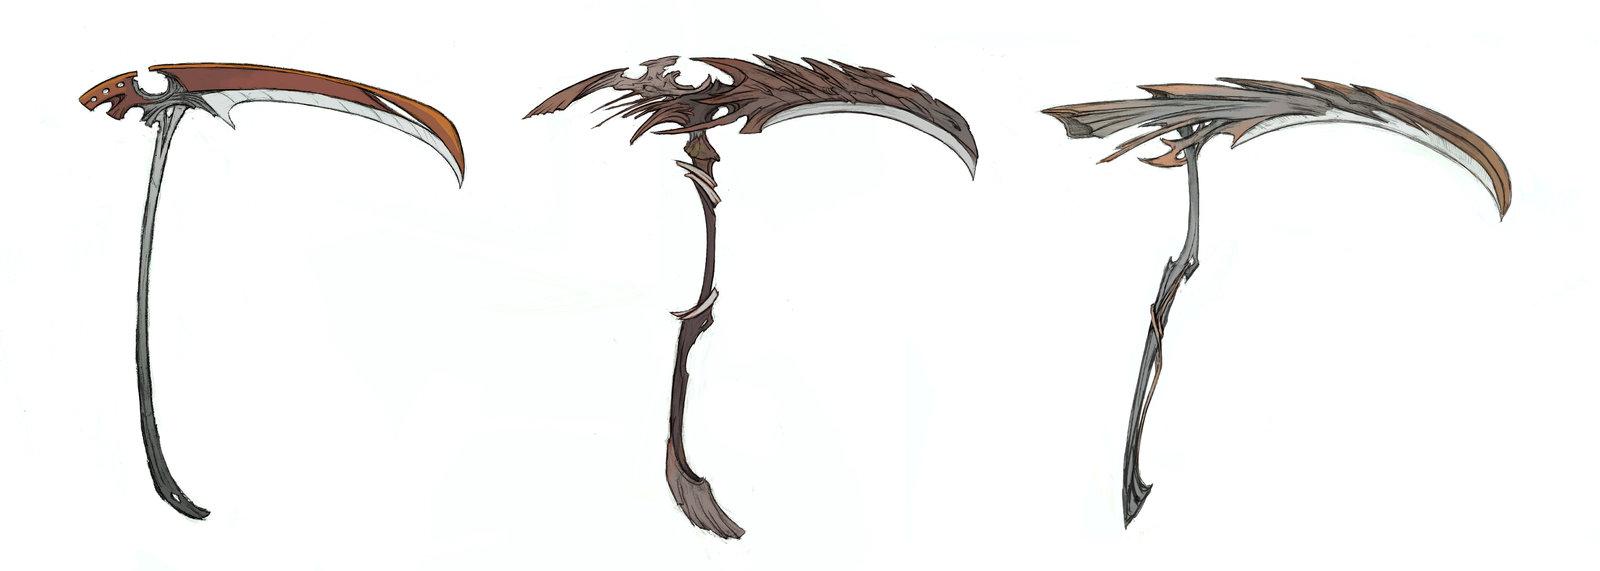 Drawn scythe elemental Favourites Weapon  Alikeyla by